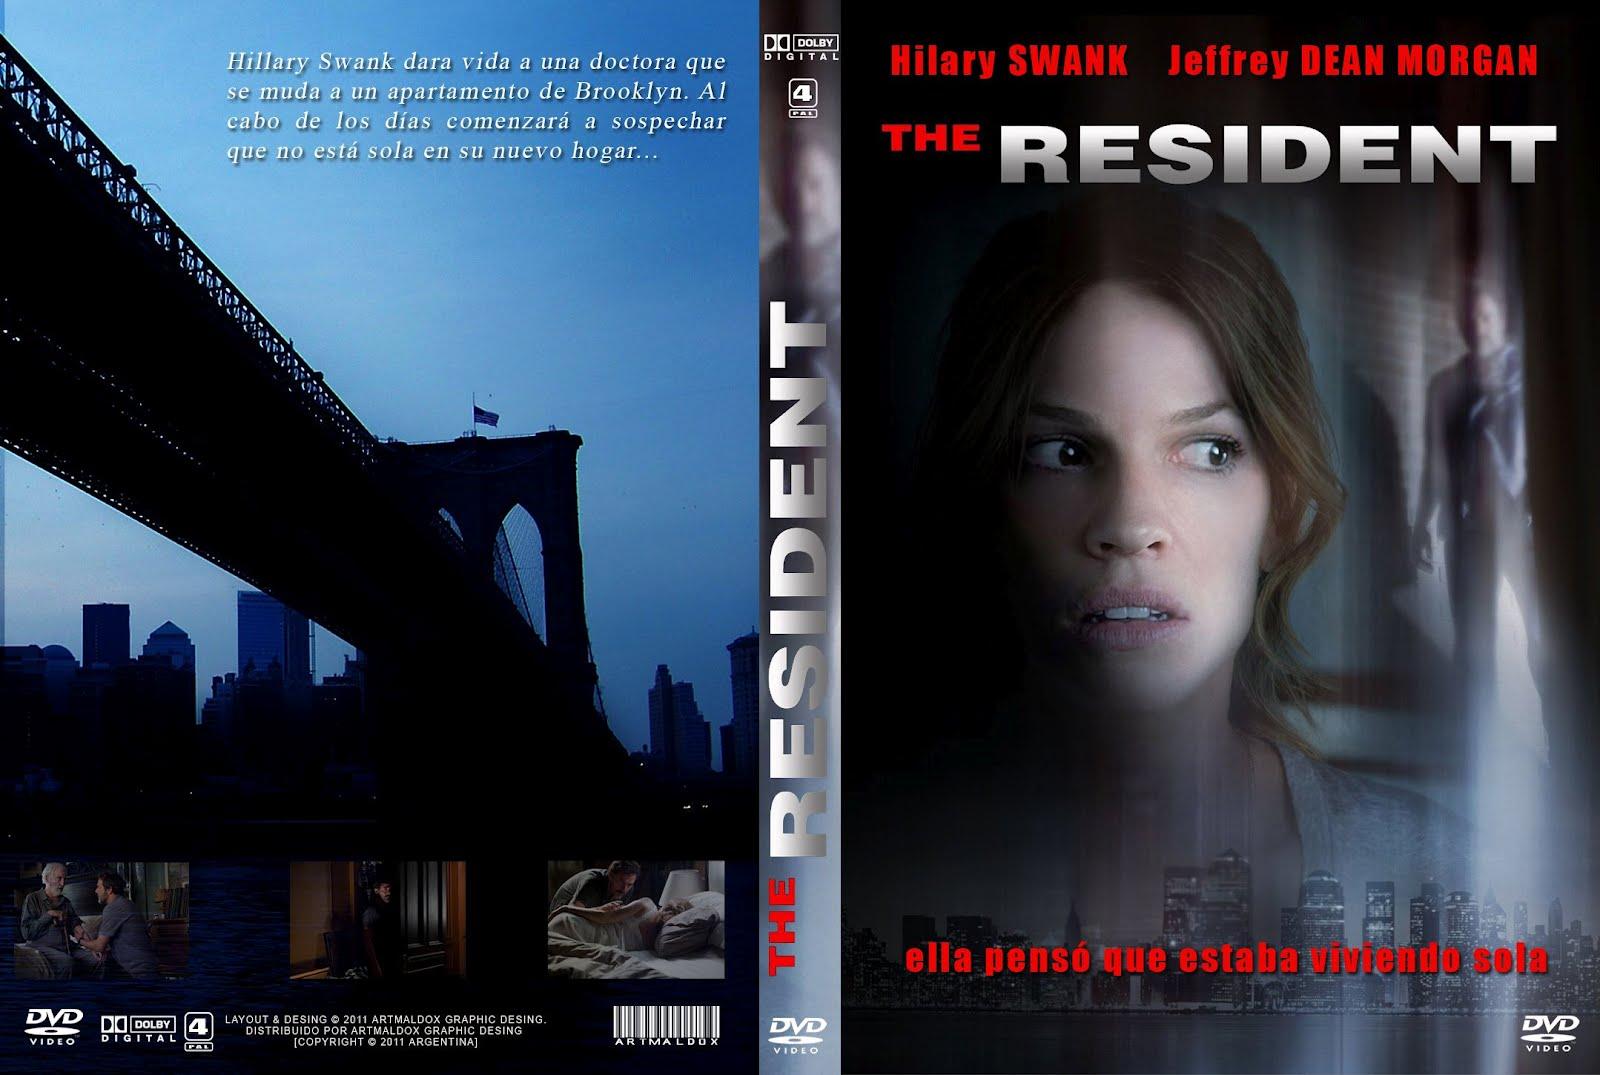 http://2.bp.blogspot.com/-ng5PBXXw9YY/UD6fehNjPXI/AAAAAAAAFE4/__4Xmtly2ic/s1600/The_Resident_-_Custom_por_artmaldox_%255Bdvd%255D_80.jpg